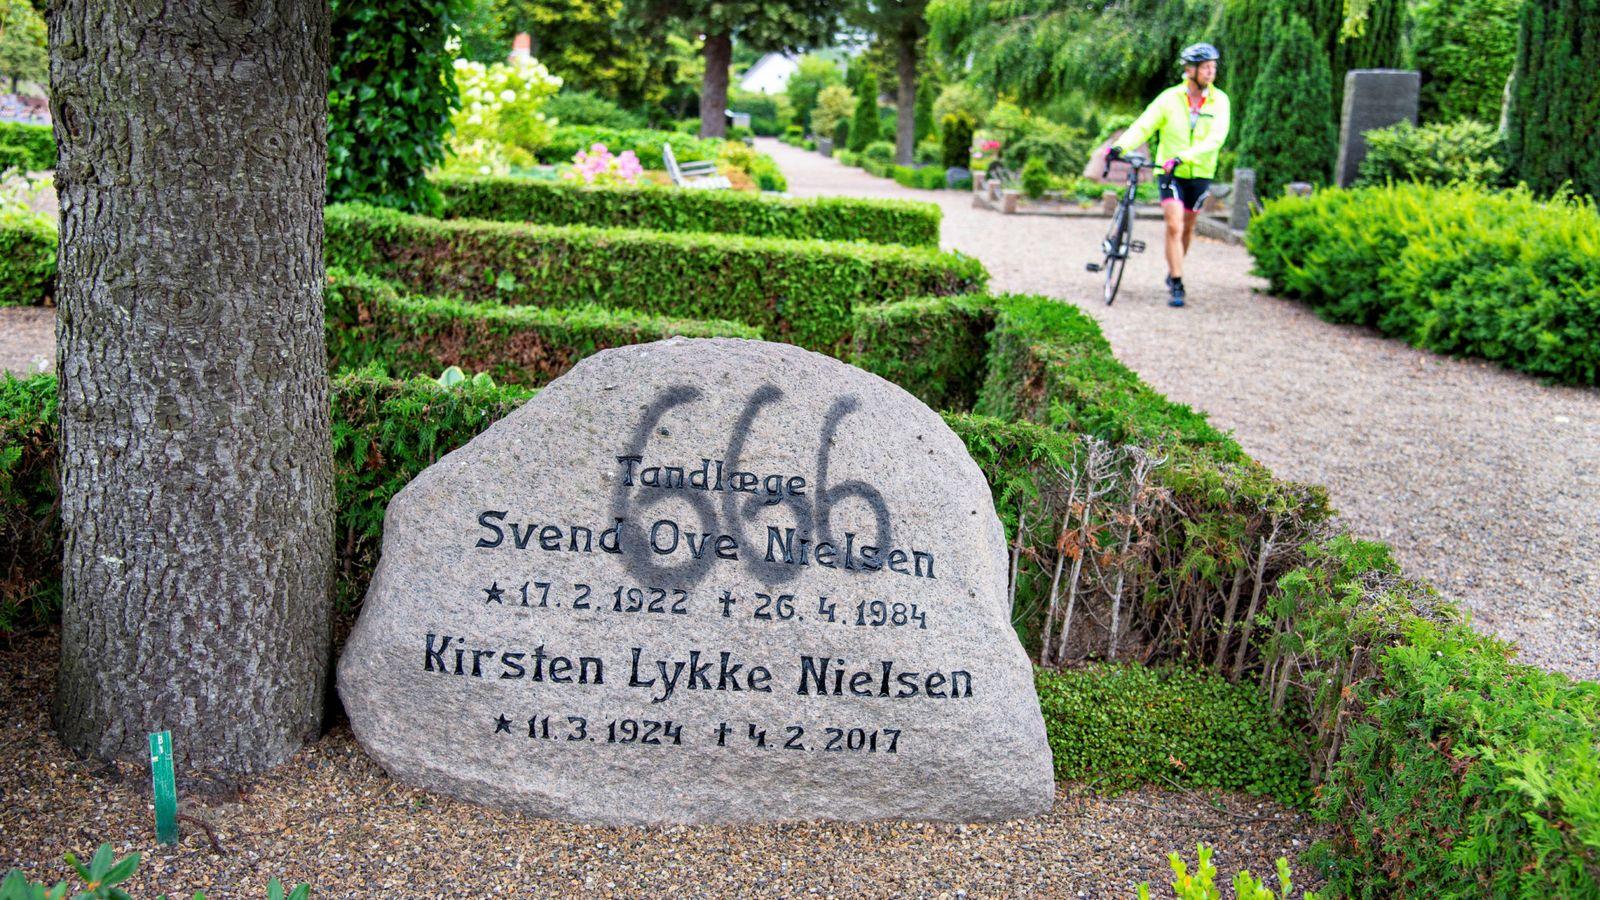 丹麥一墓園遭破壞 近百座墓碑被人噴上